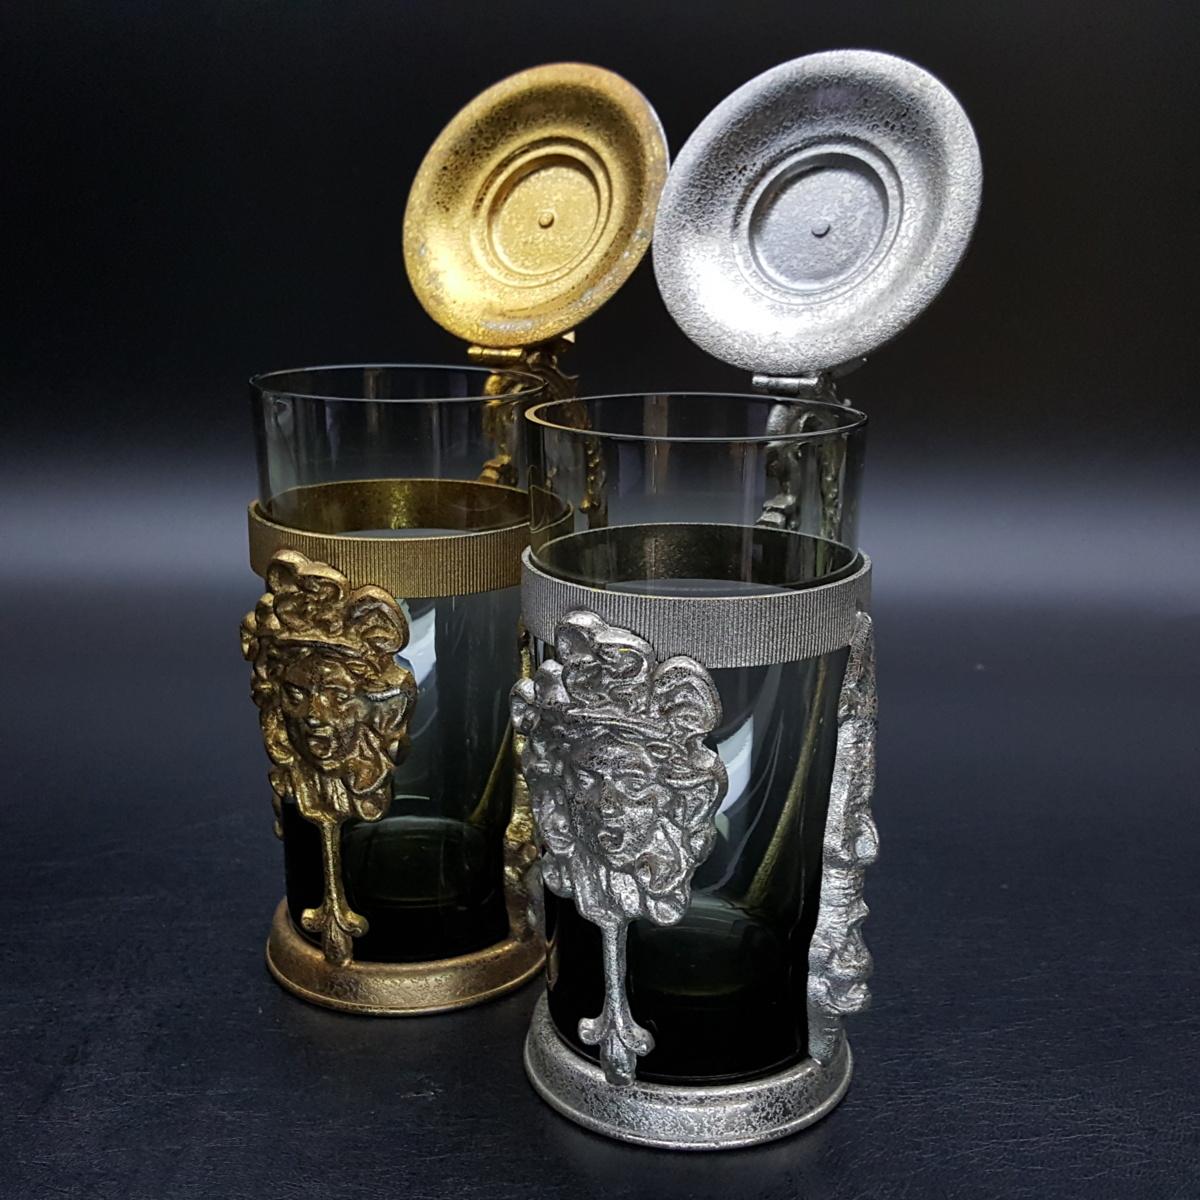 【宝蔵】アンティーク メデューサ メドゥーサ 金銀一対 蓋付グラス 一組 カップ コップ_画像4